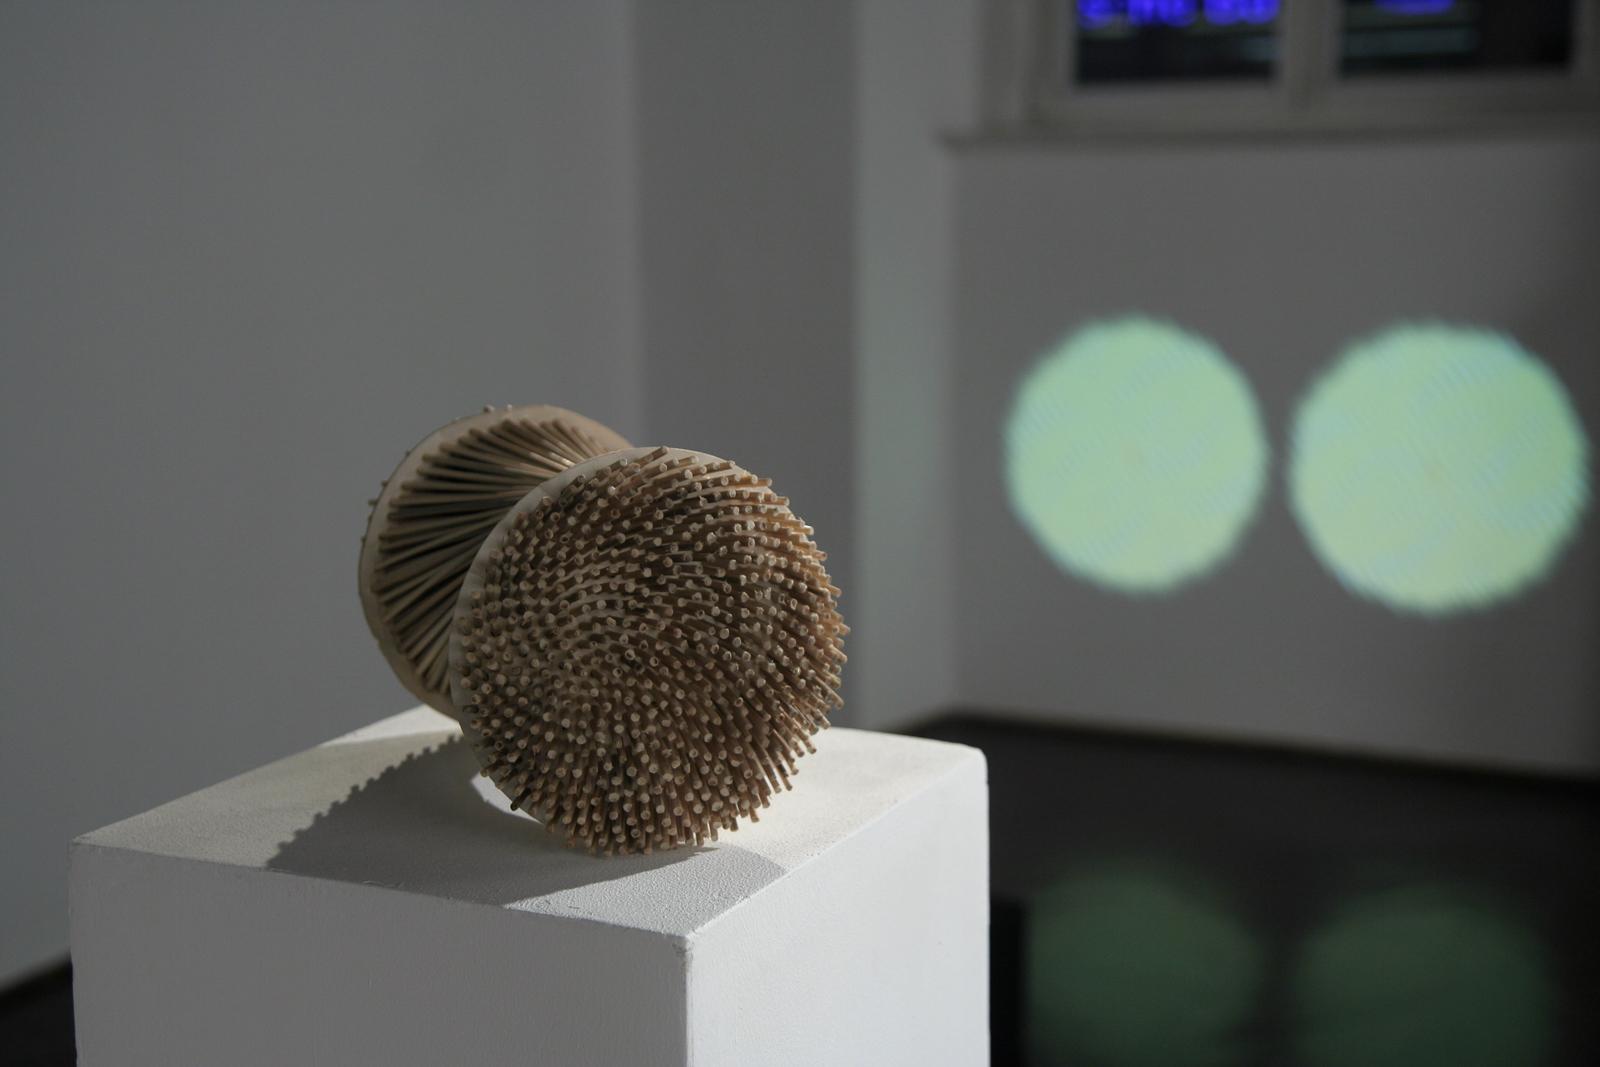 Szymon Kobylarz, 34/55, model, karton, drewno, 2014; 34/55, projekcja, 2014 - dzięki uprzejmości Galerii ŻAK | BRANICKA